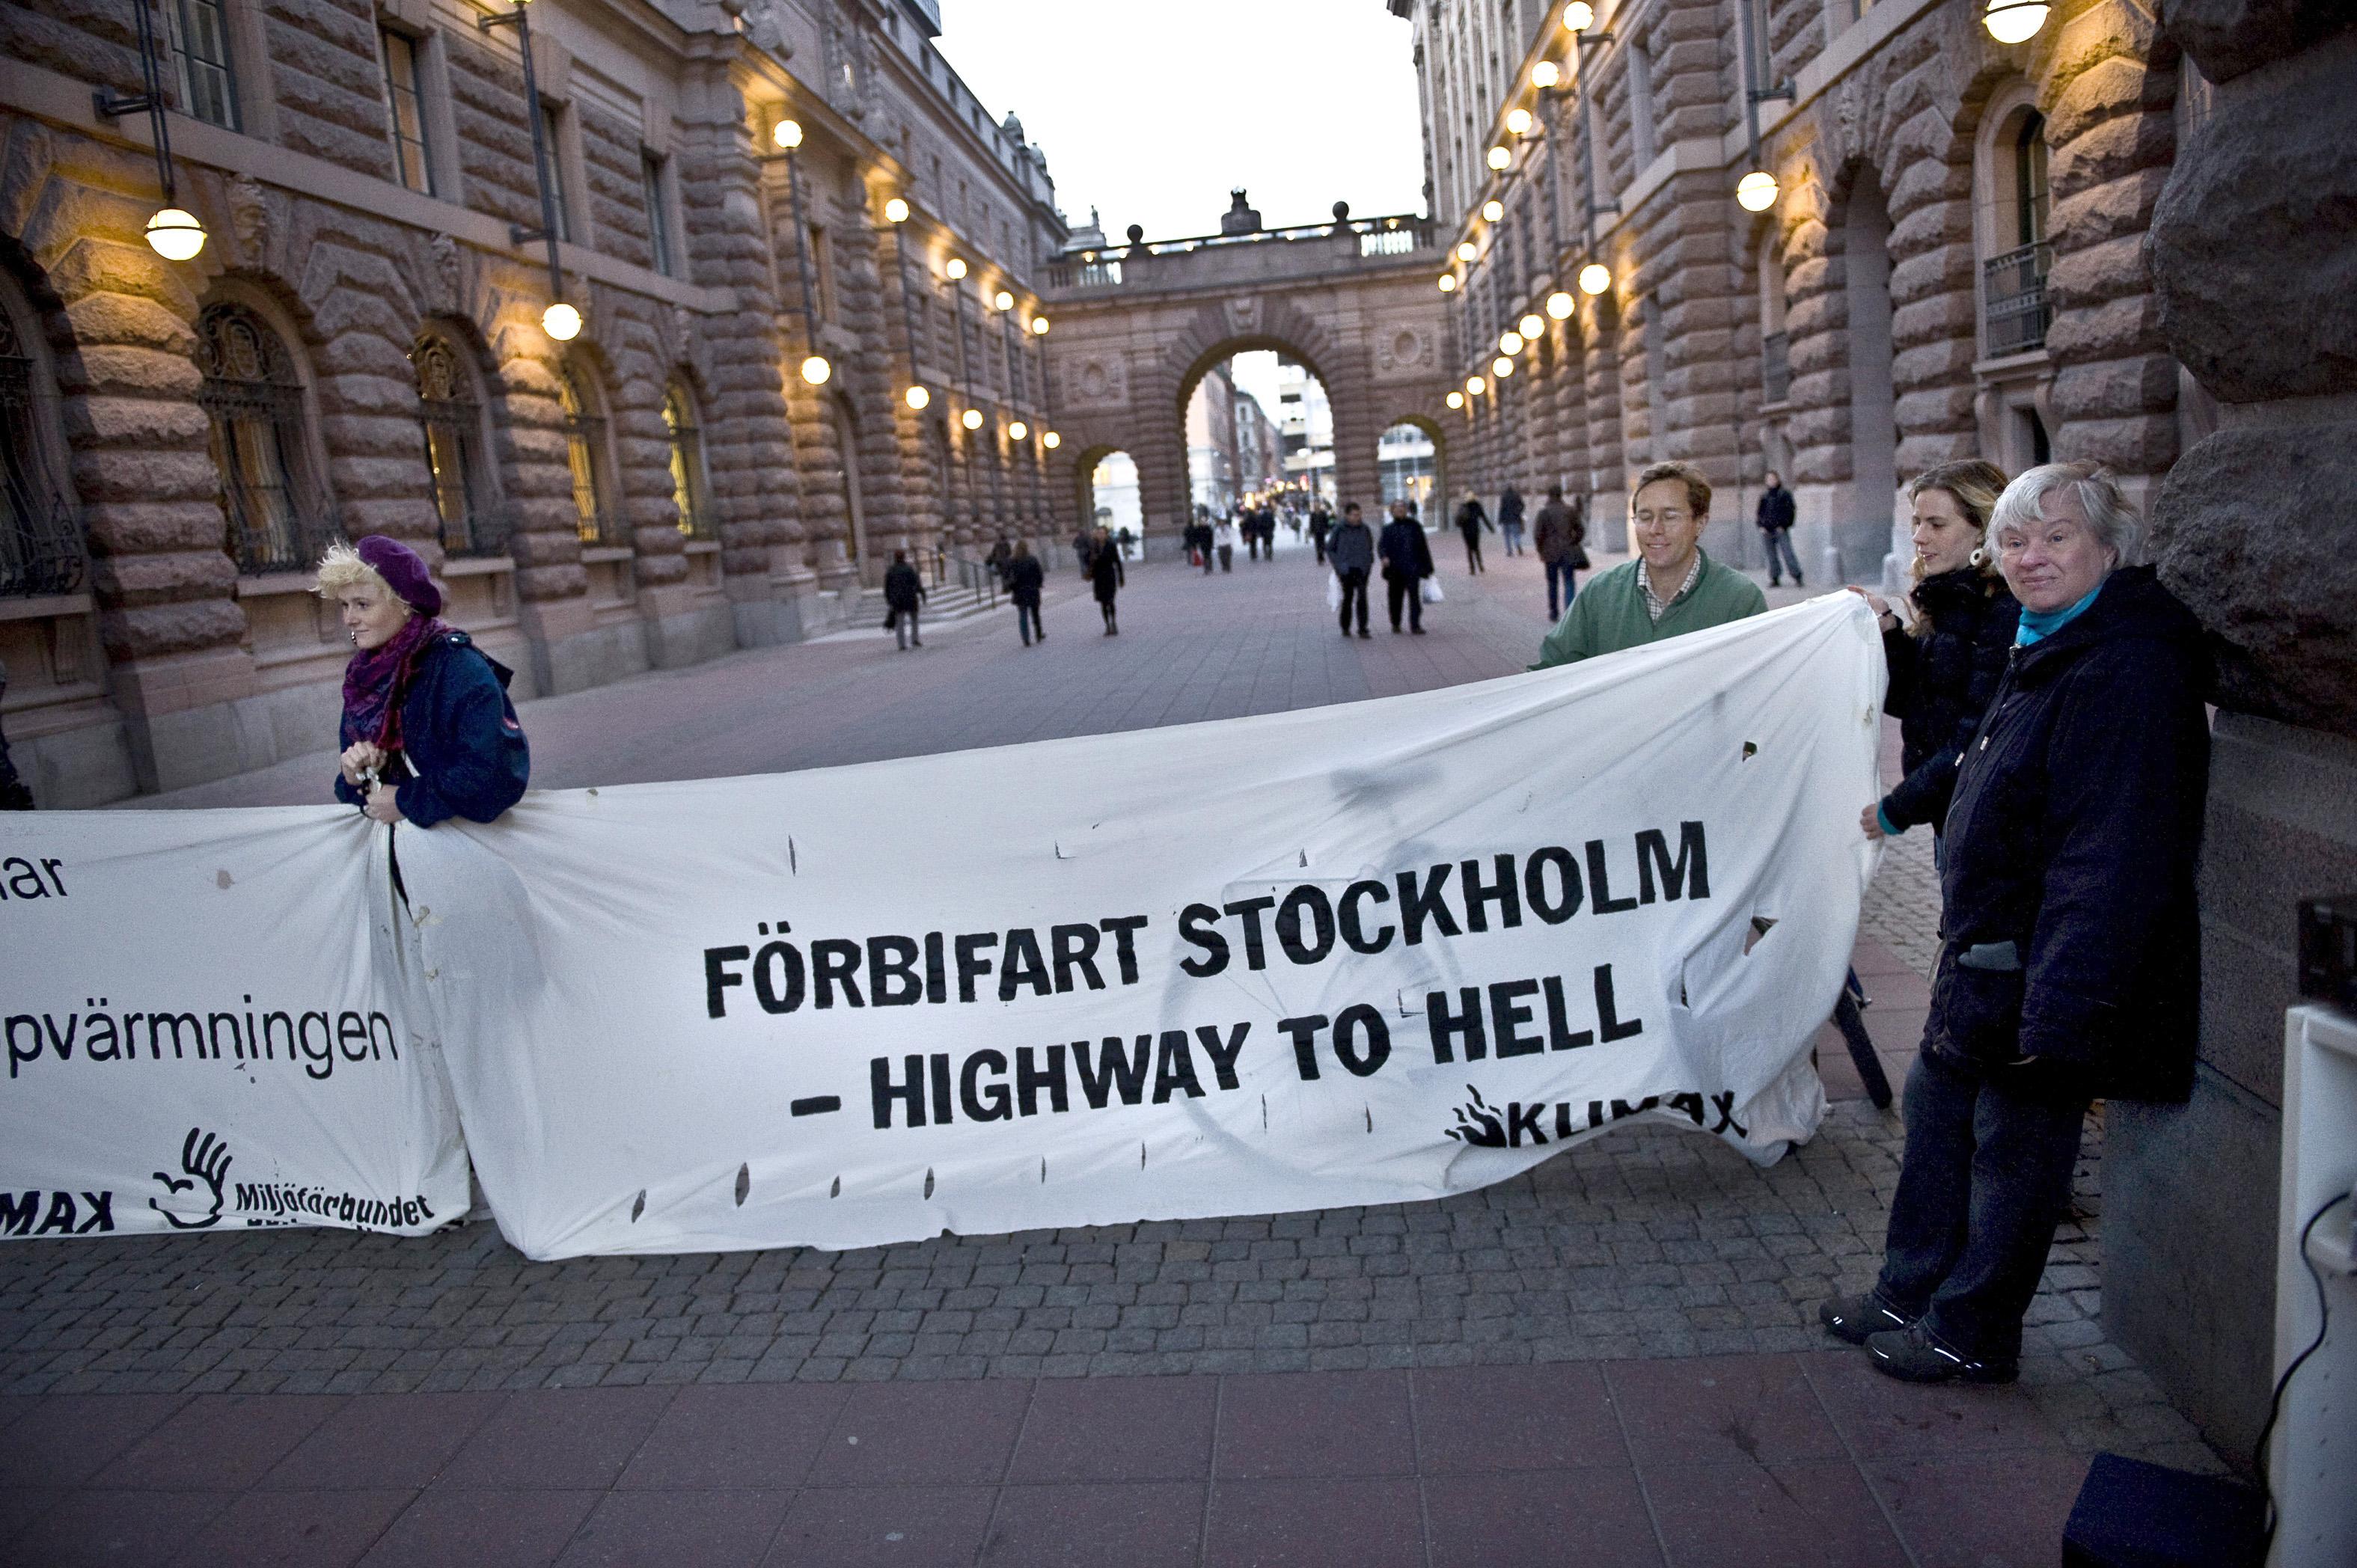 escorttjej gbg just nu stockholm